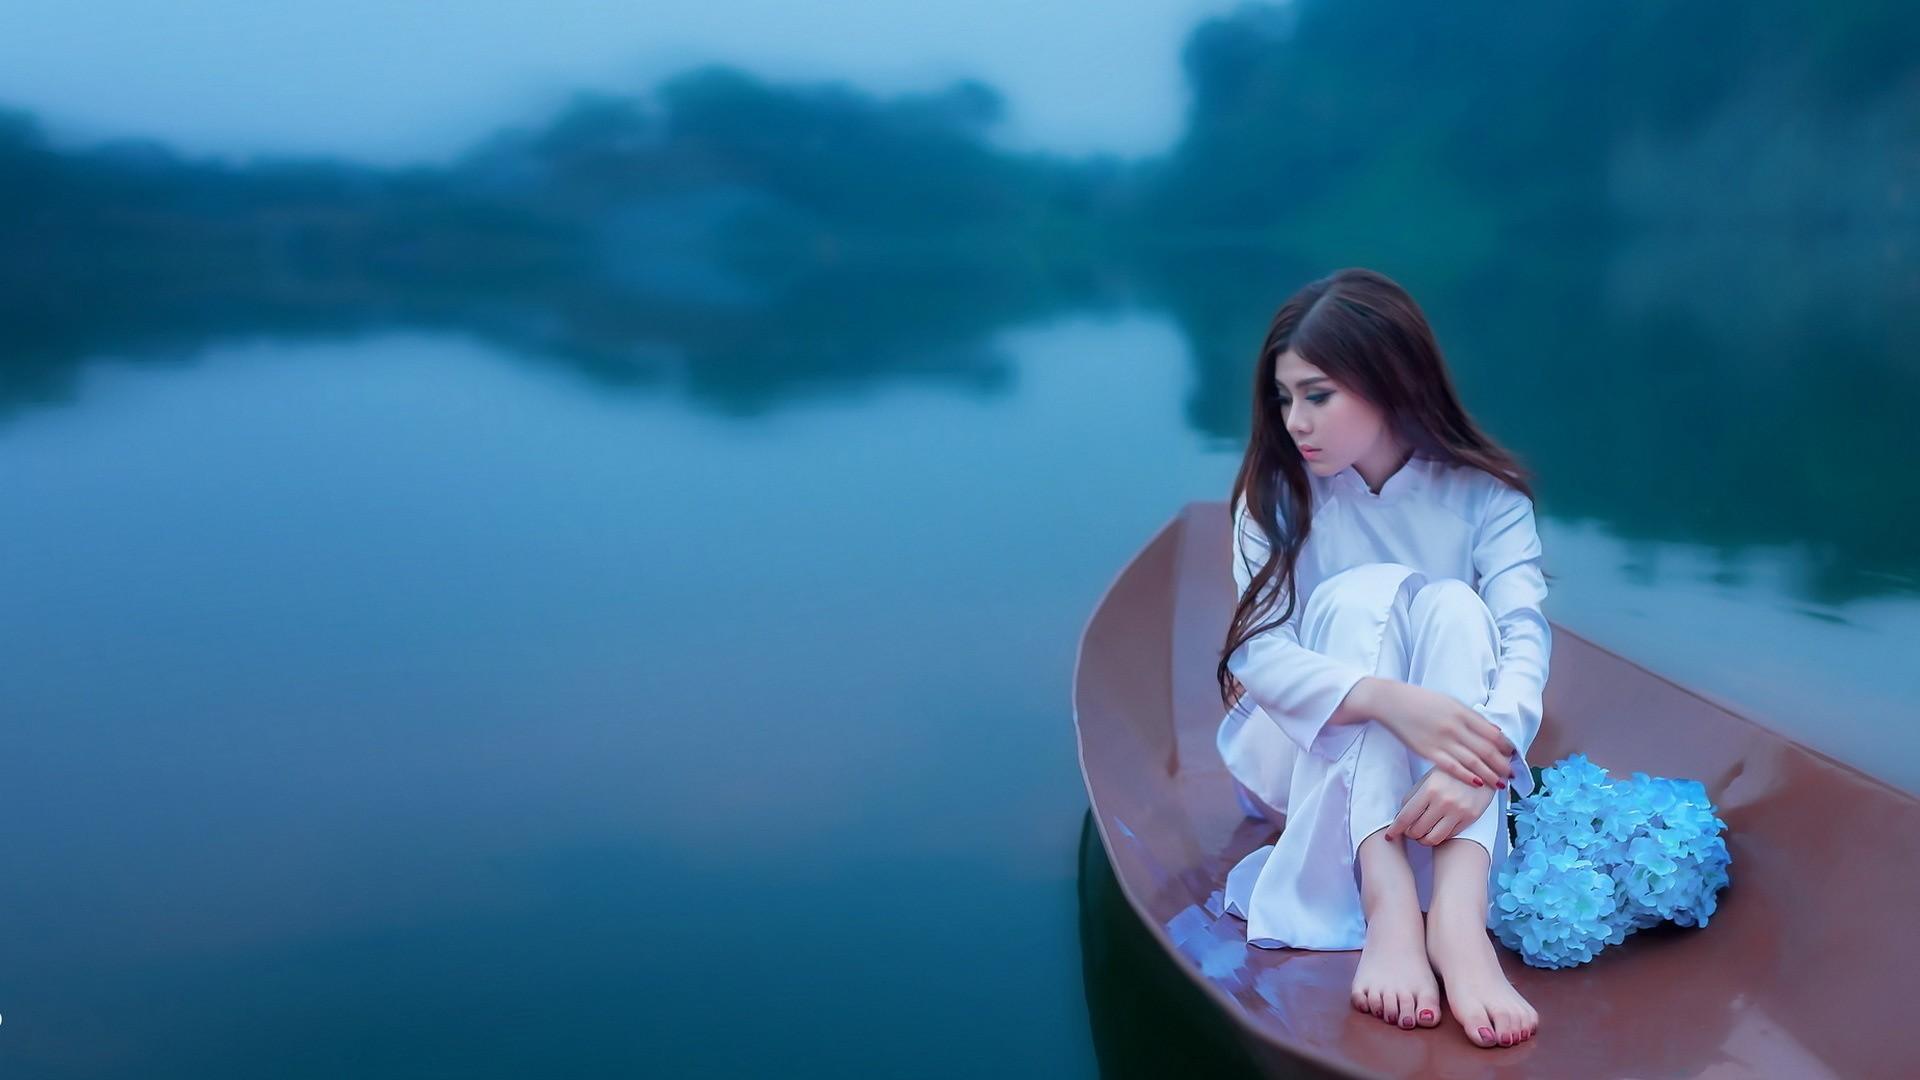 hintergrundbilder sonnenlicht boot frauen im freien frau modell meer blumen lange. Black Bedroom Furniture Sets. Home Design Ideas